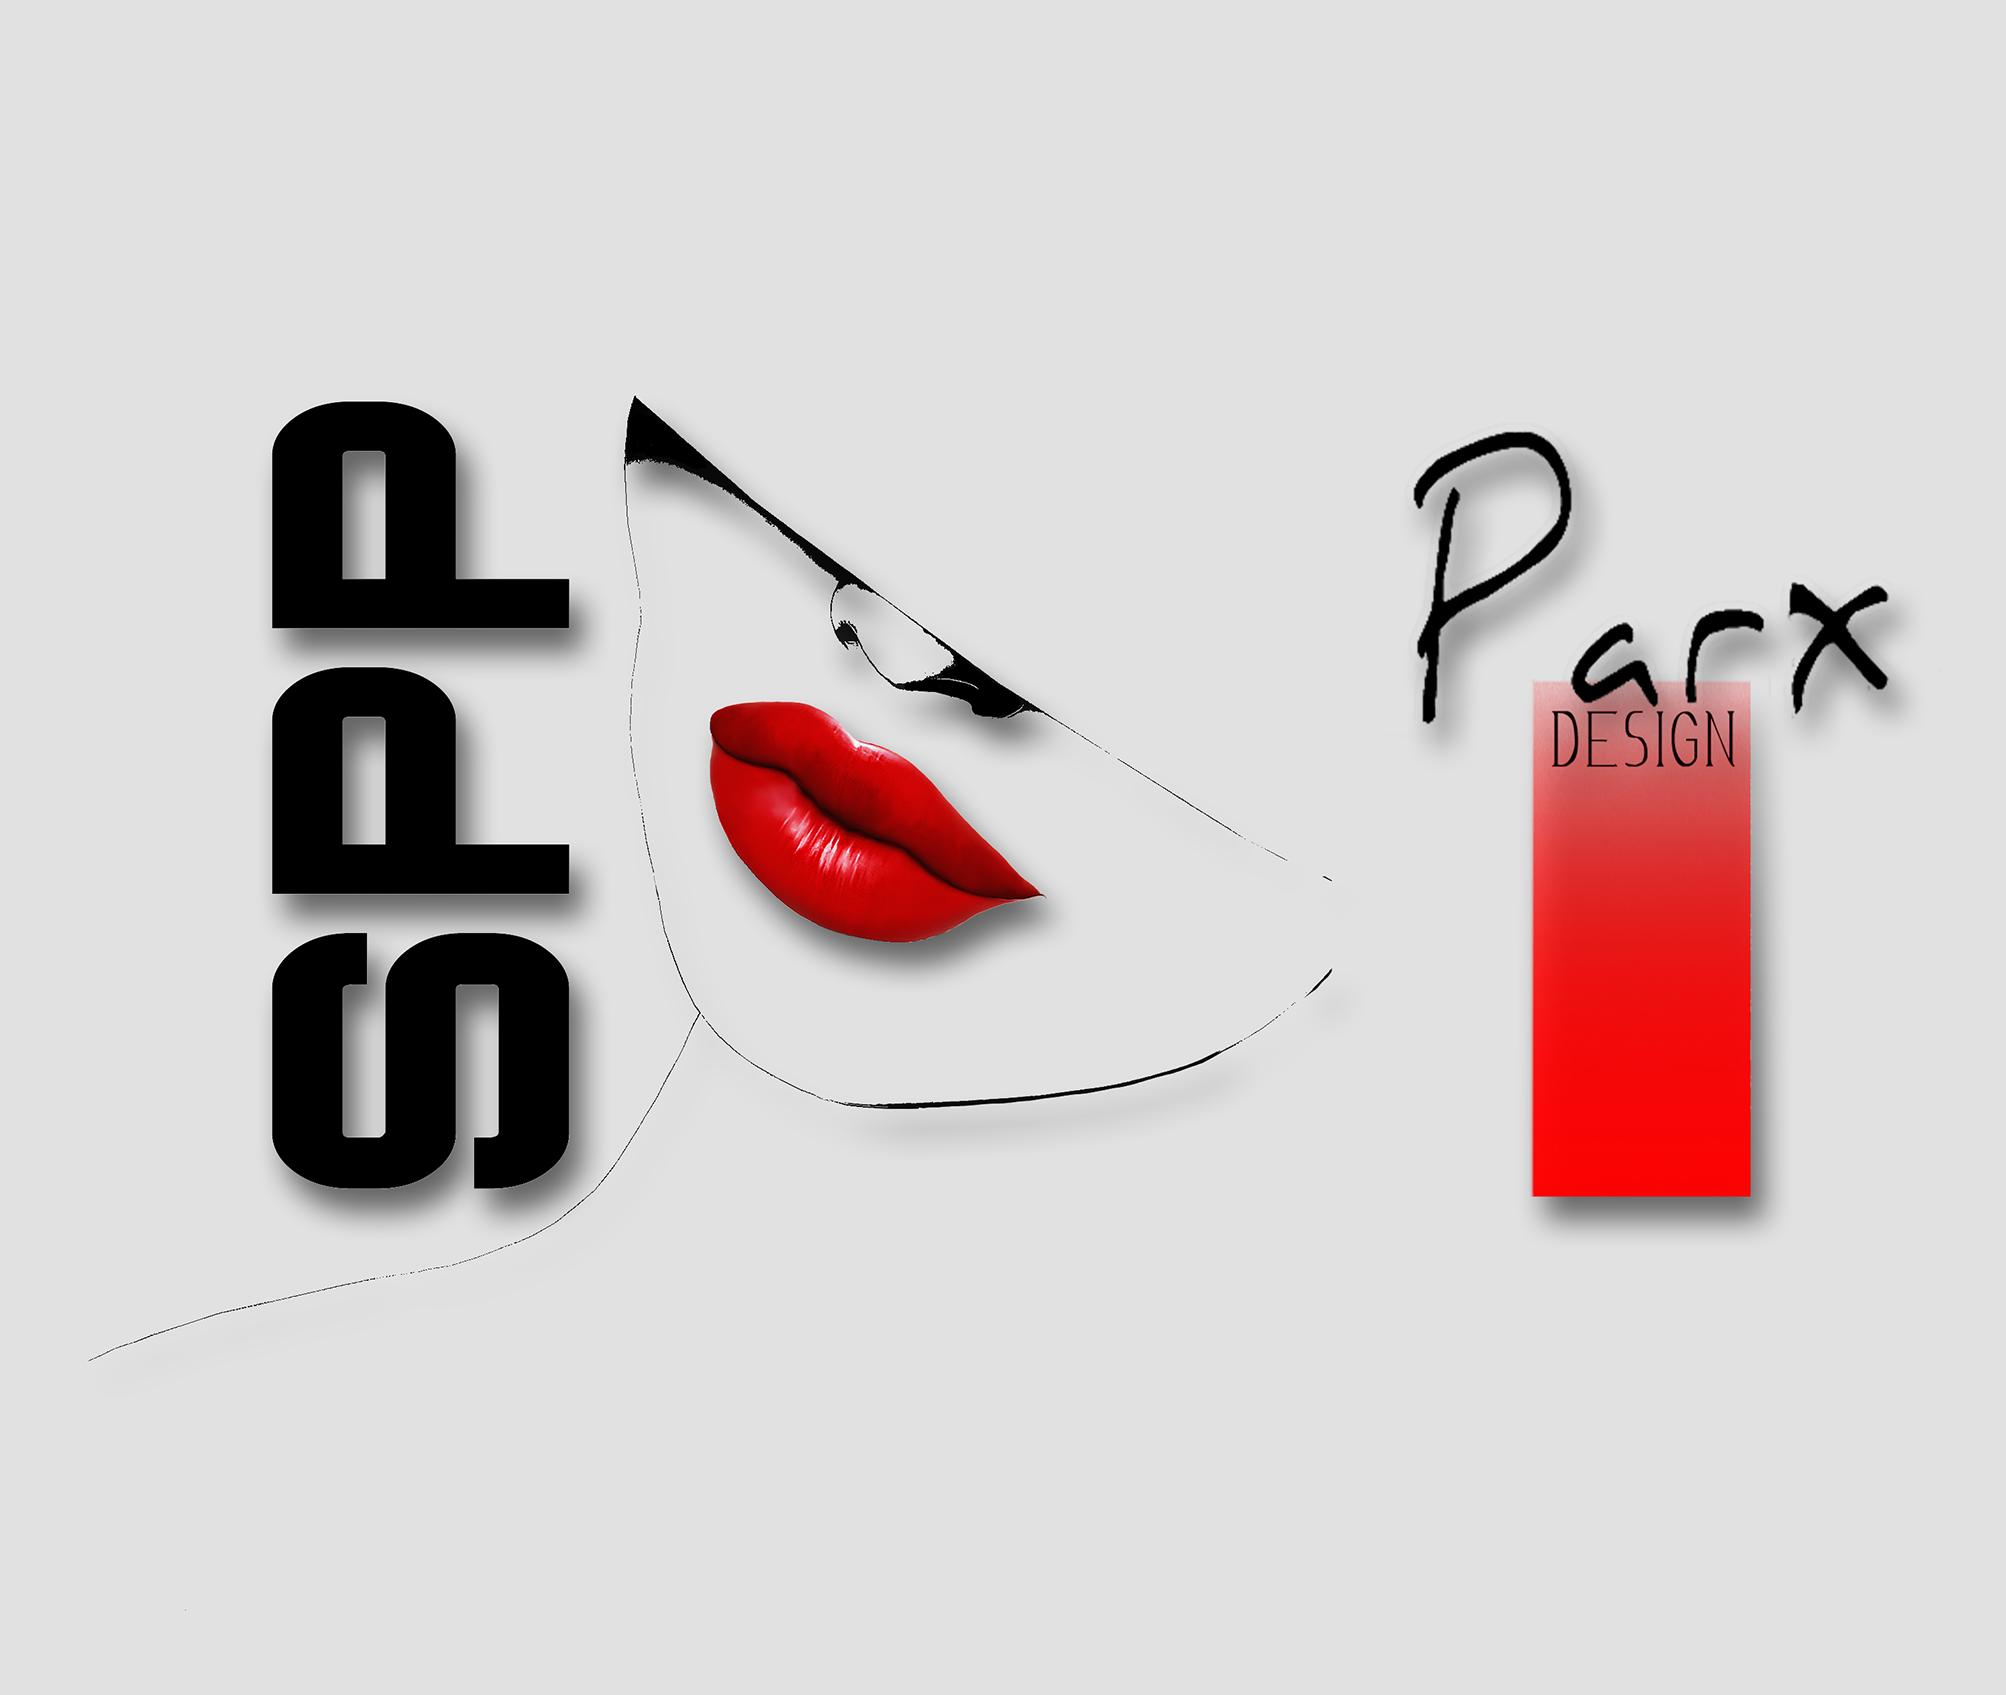 Parx Design / Spartin Parx Poses